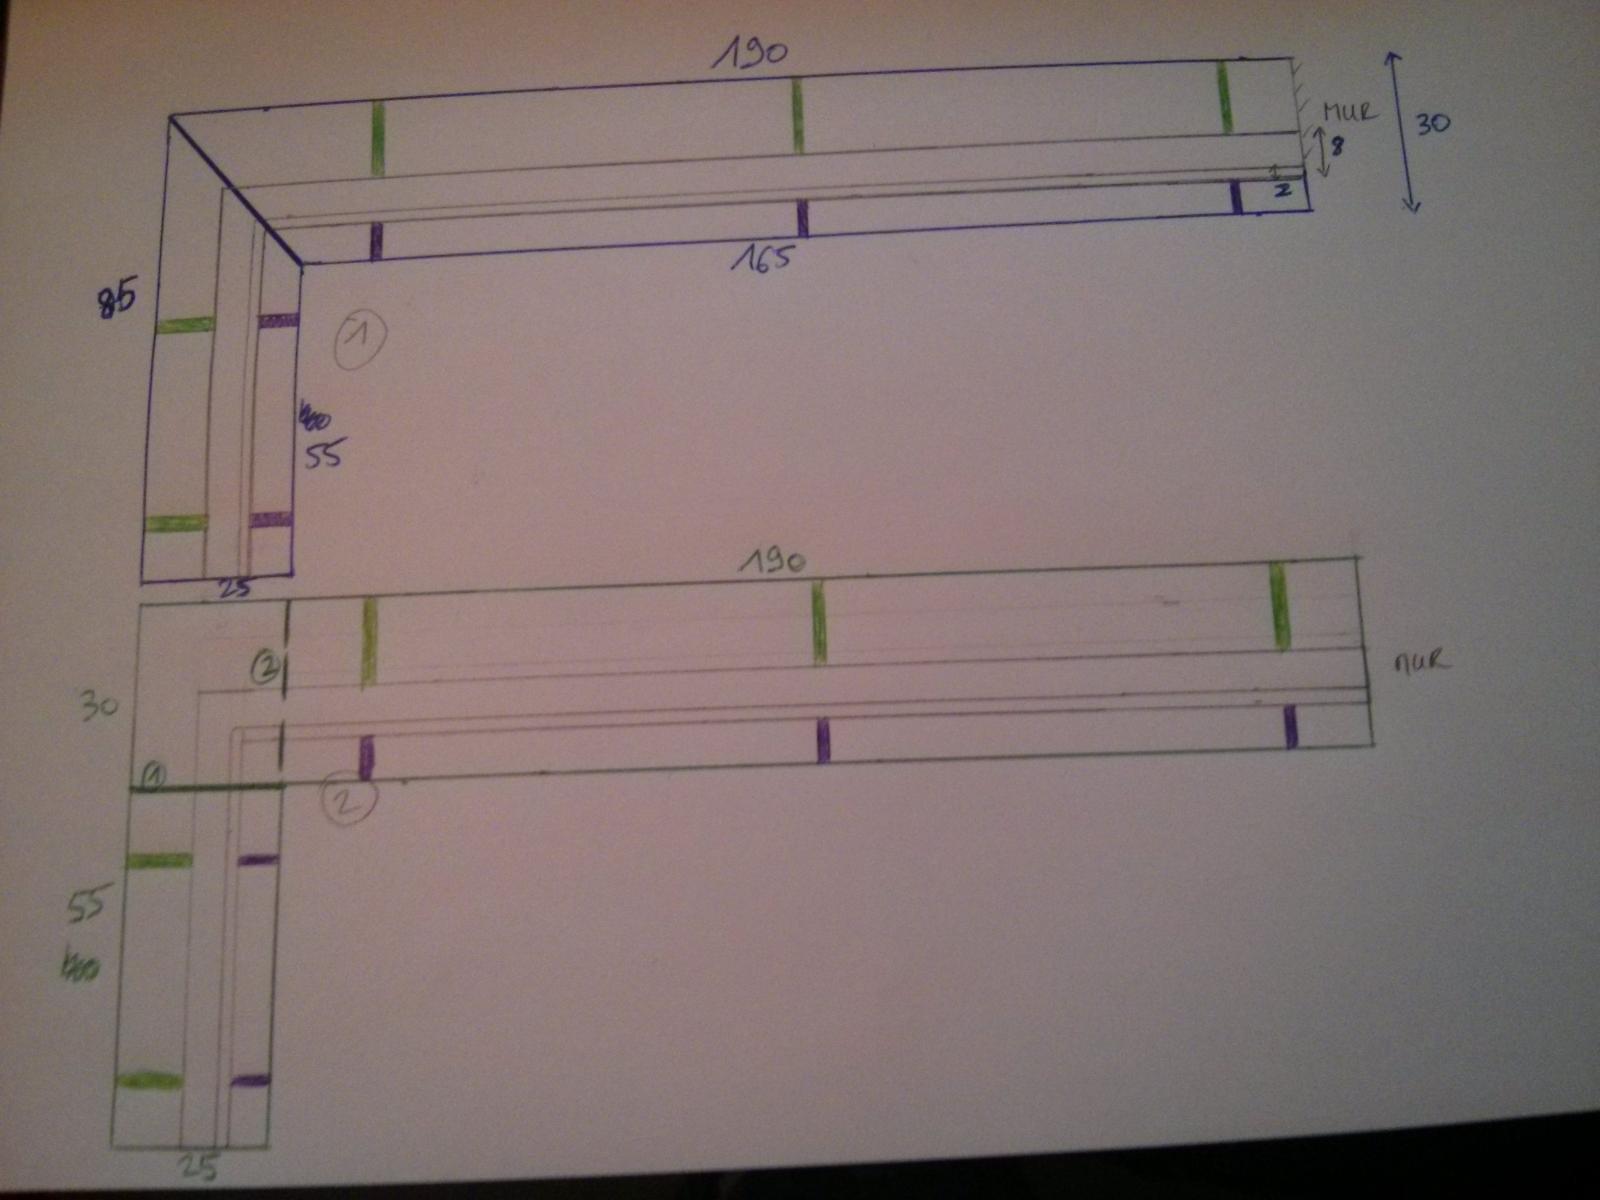 pose d u0026 39 un plan de travail pour finaliser un bar